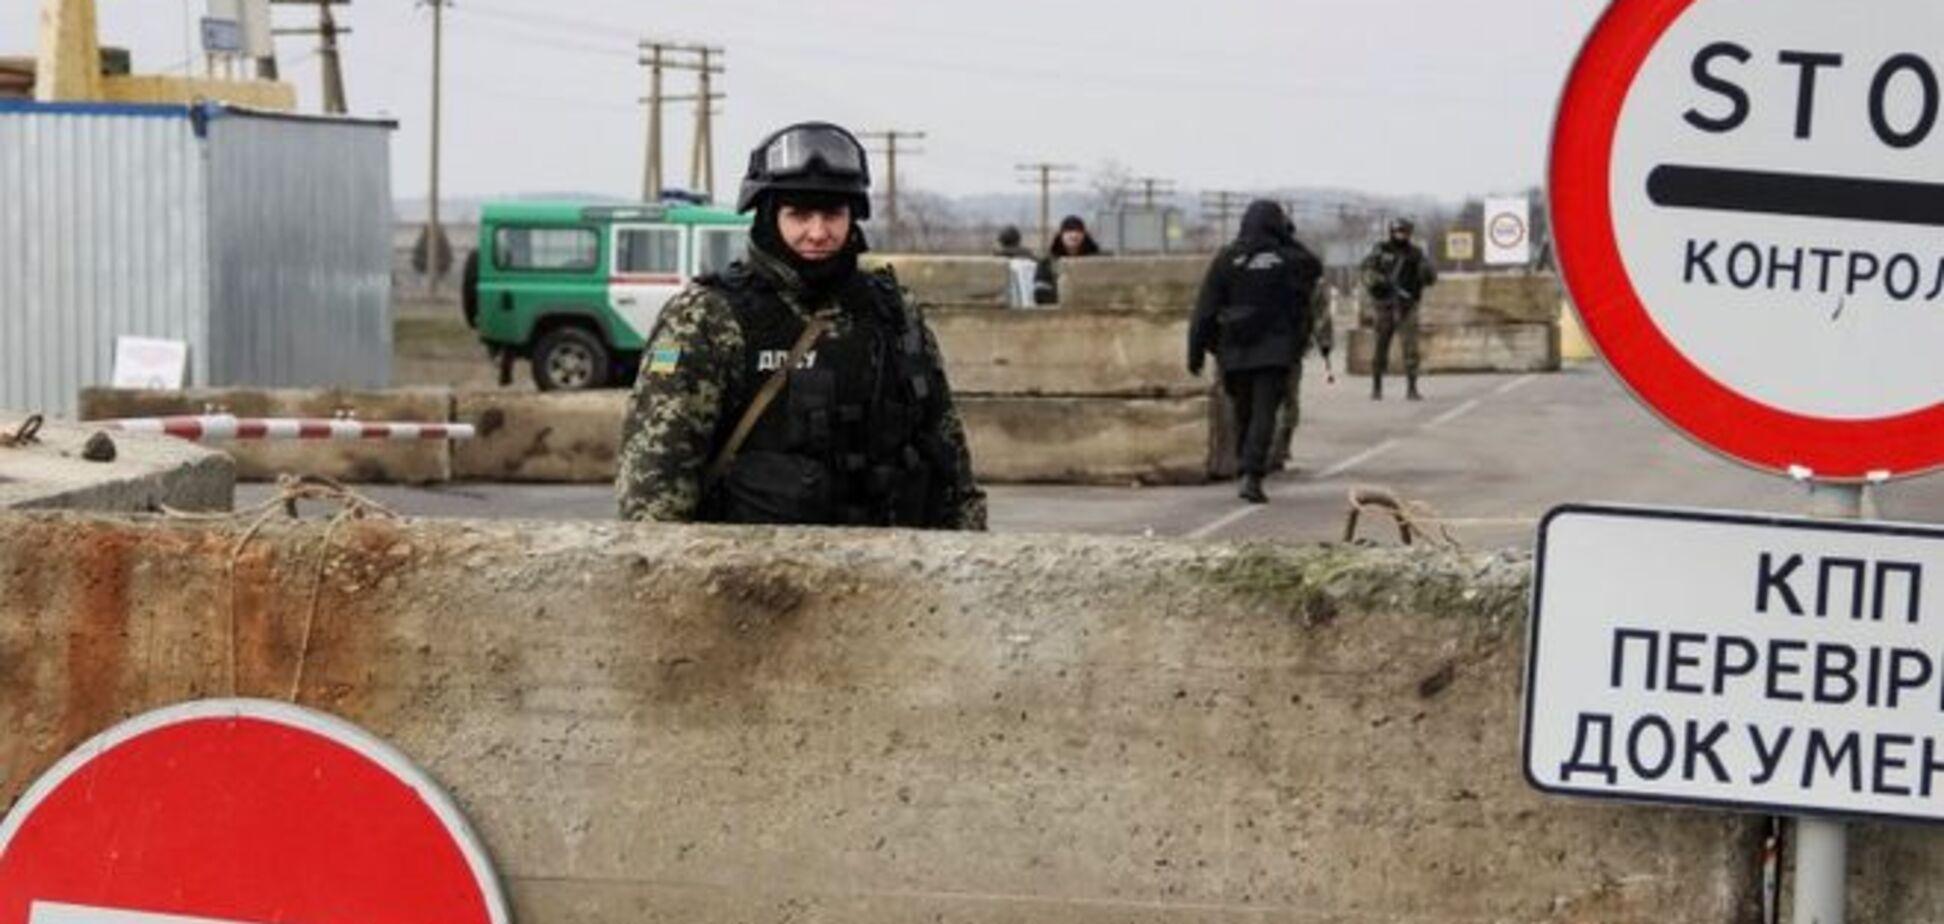 Крымская 'стена': Украина и Россия строят границу на десятилетия